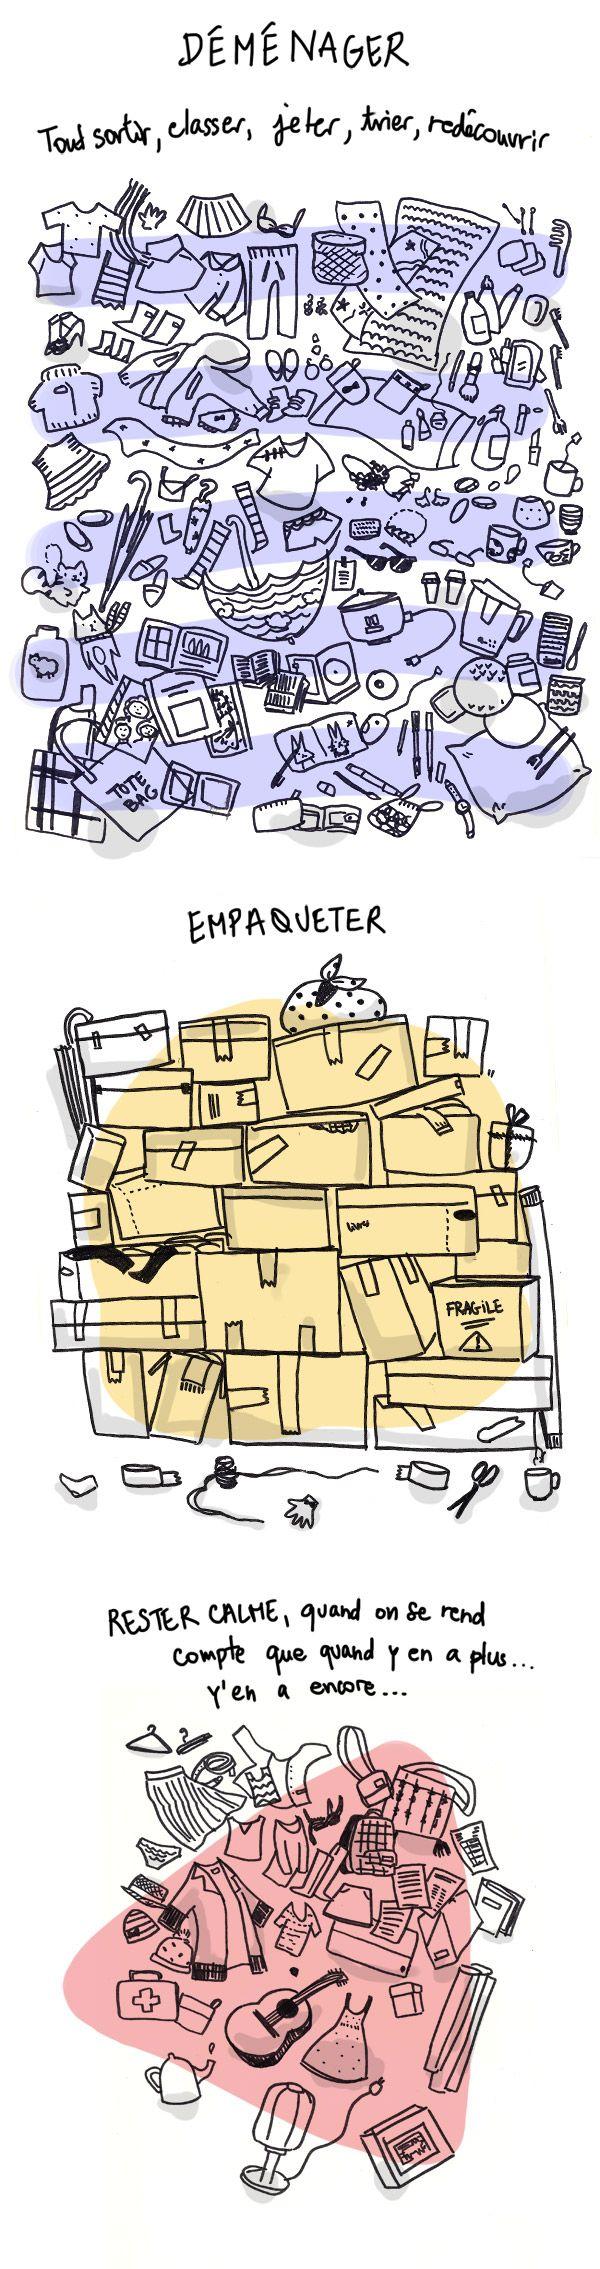 La team Gamelle. Artiste: Bananako. http://bananako.fr/blog/harder-better-faster-stronger/ Après le déménagement du blog, me voilà en train de faire des cartons pour de vrai. Mais comment se fait-il que j'ai autant d'objets que j'adoooore mais que j'utilise si peu! Les déménagements c'est bien, parce qu'à chaque fois ça me donne envie d'une vie moins matérialiste. (...) Quels sont les objets qu'elle adooooore?  Et vous, quels objets vous adorez?